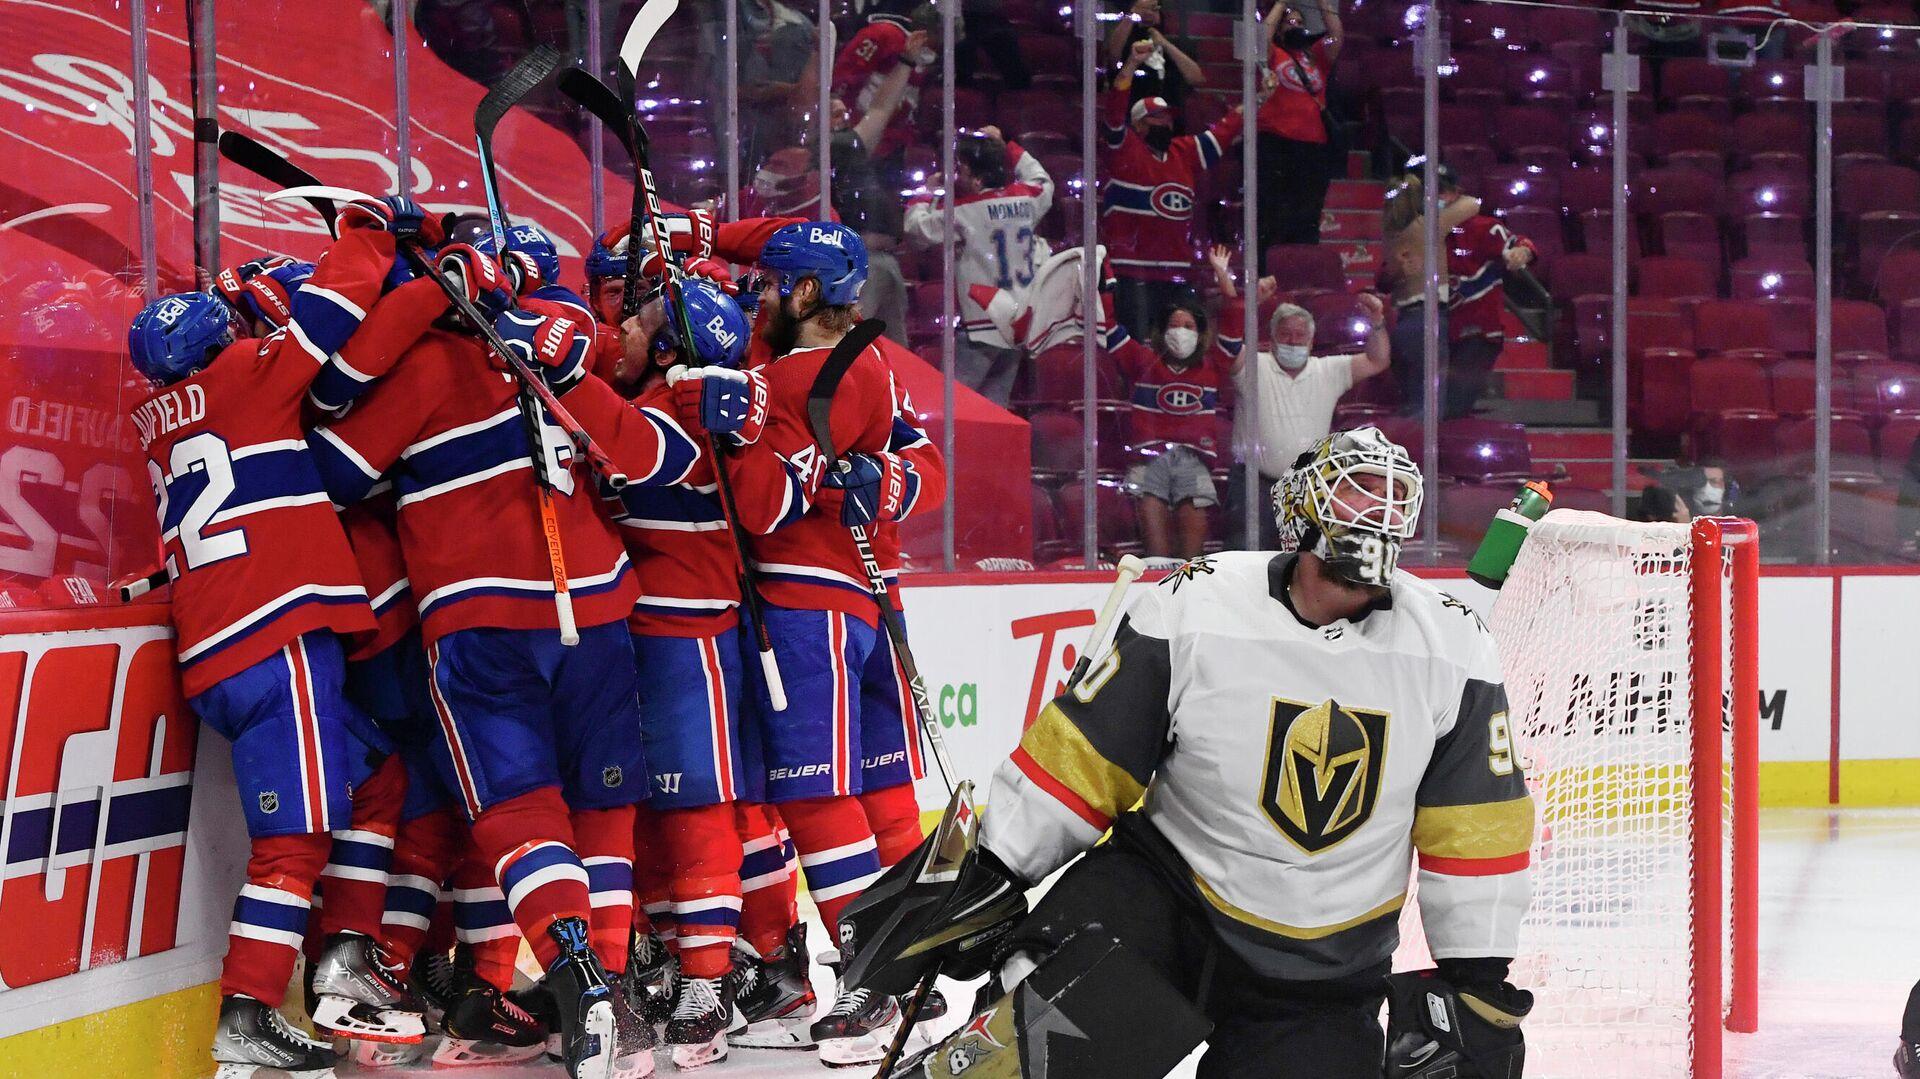 Хоккеисты Монреаль Канадиенс празднуют победу в матче с Вегас Голден Найтс - РИА Новости, 1920, 25.06.2021